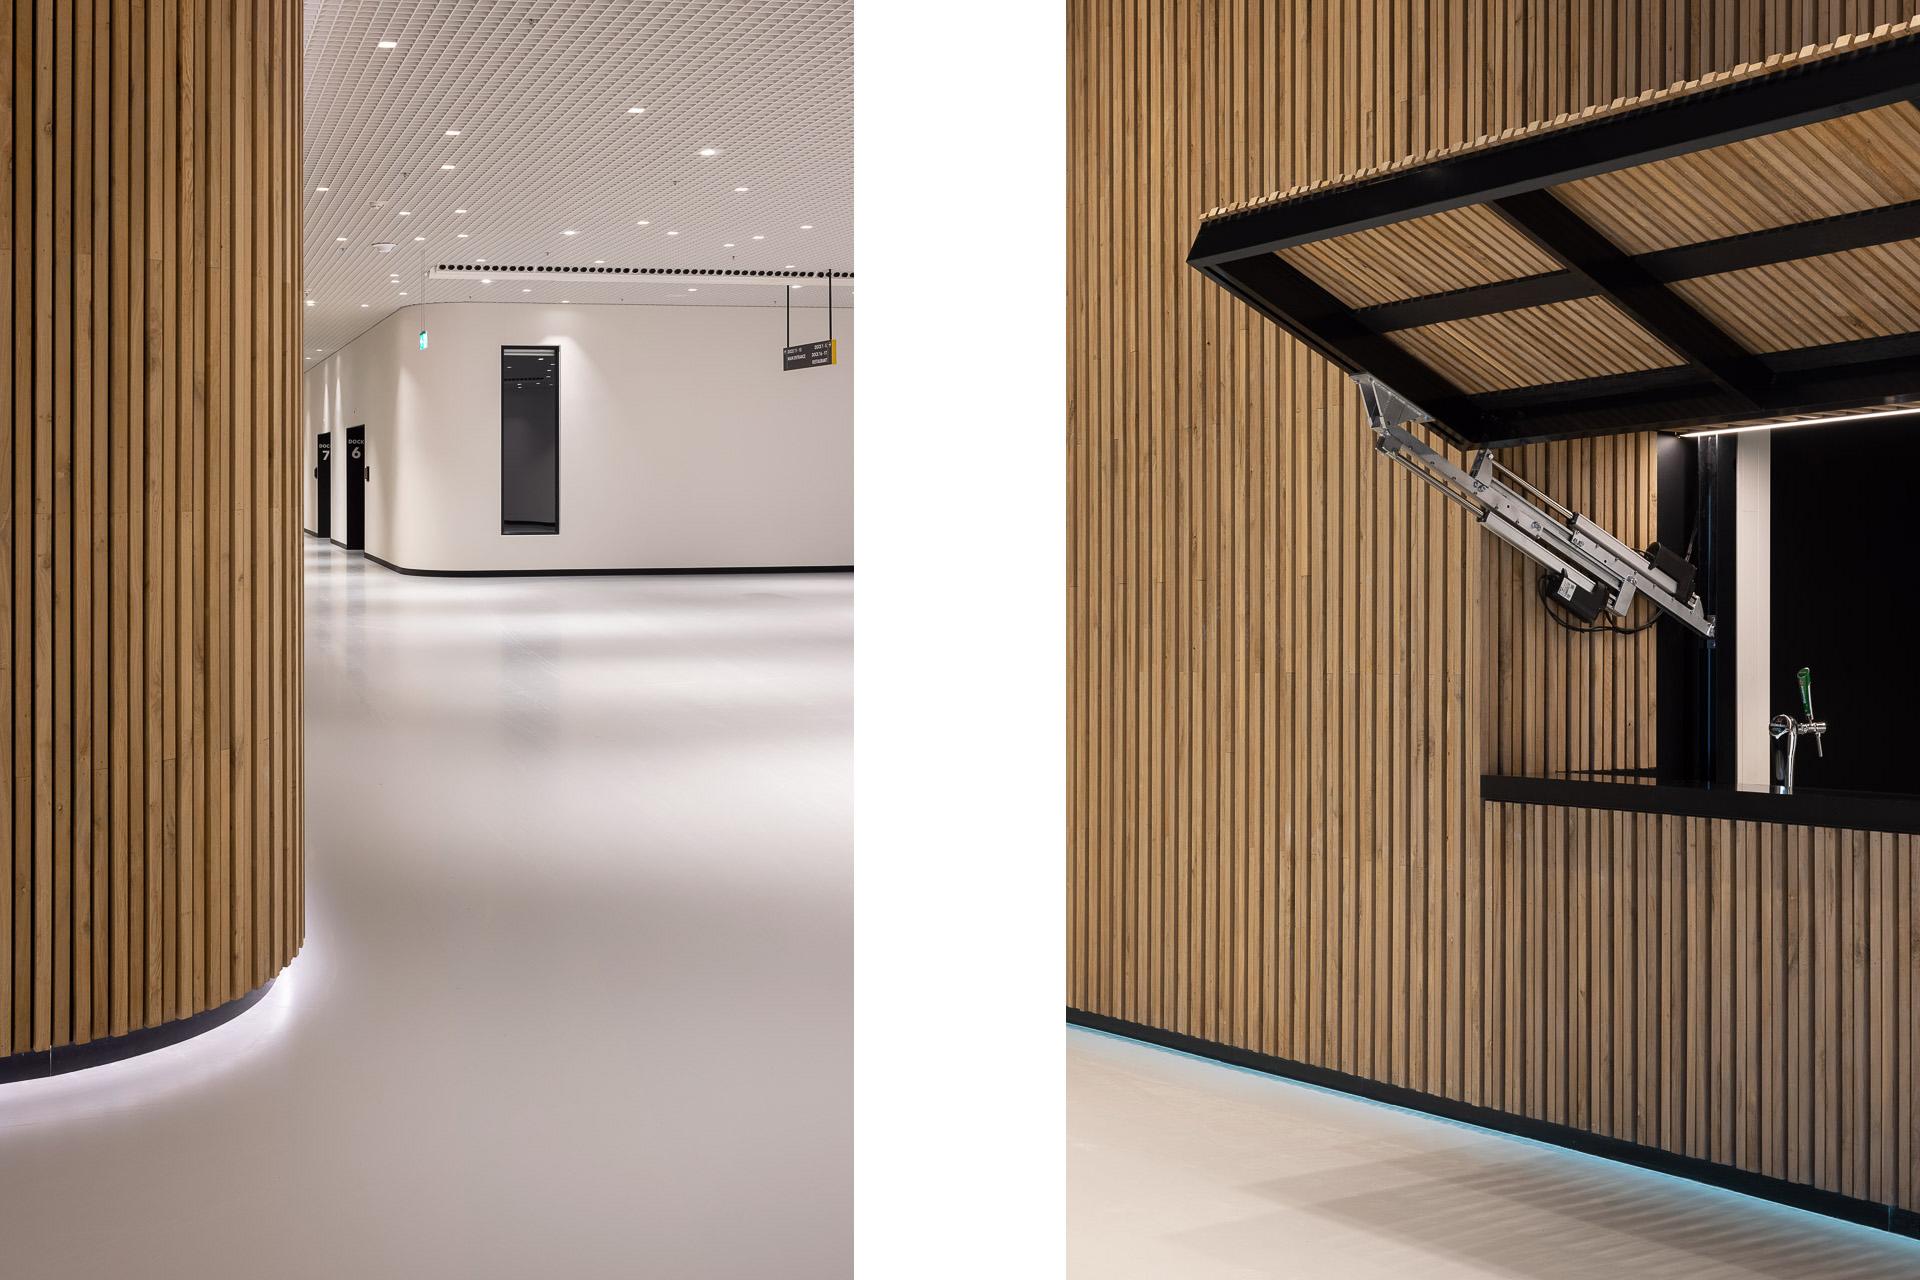 SP2020-Rotterdam-Ahoy-Convention-Centre-Interieur-9A-Architectuur-fotografie